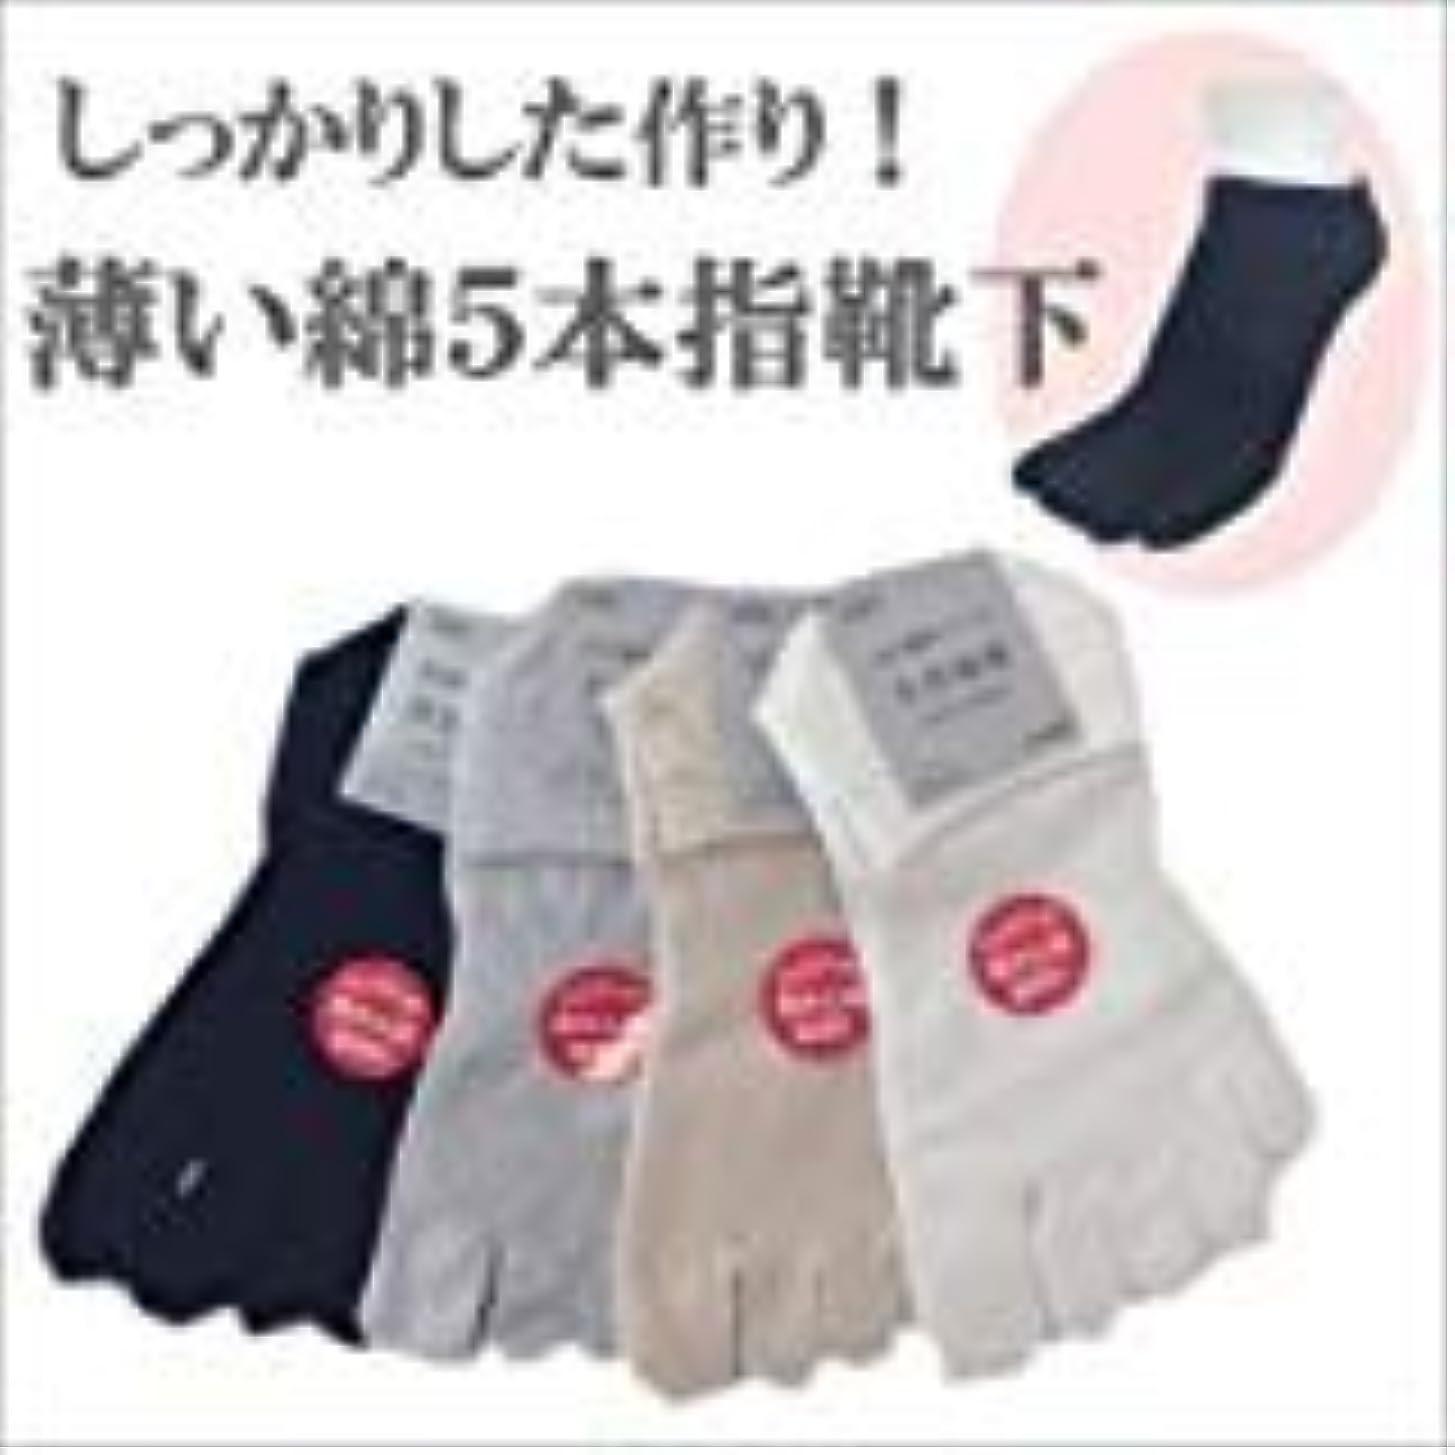 水っぽい整然とした寛容薄手 ショート丈 綿 5本指靴下 23-25cm 太陽ニット 337(オフホワイト)